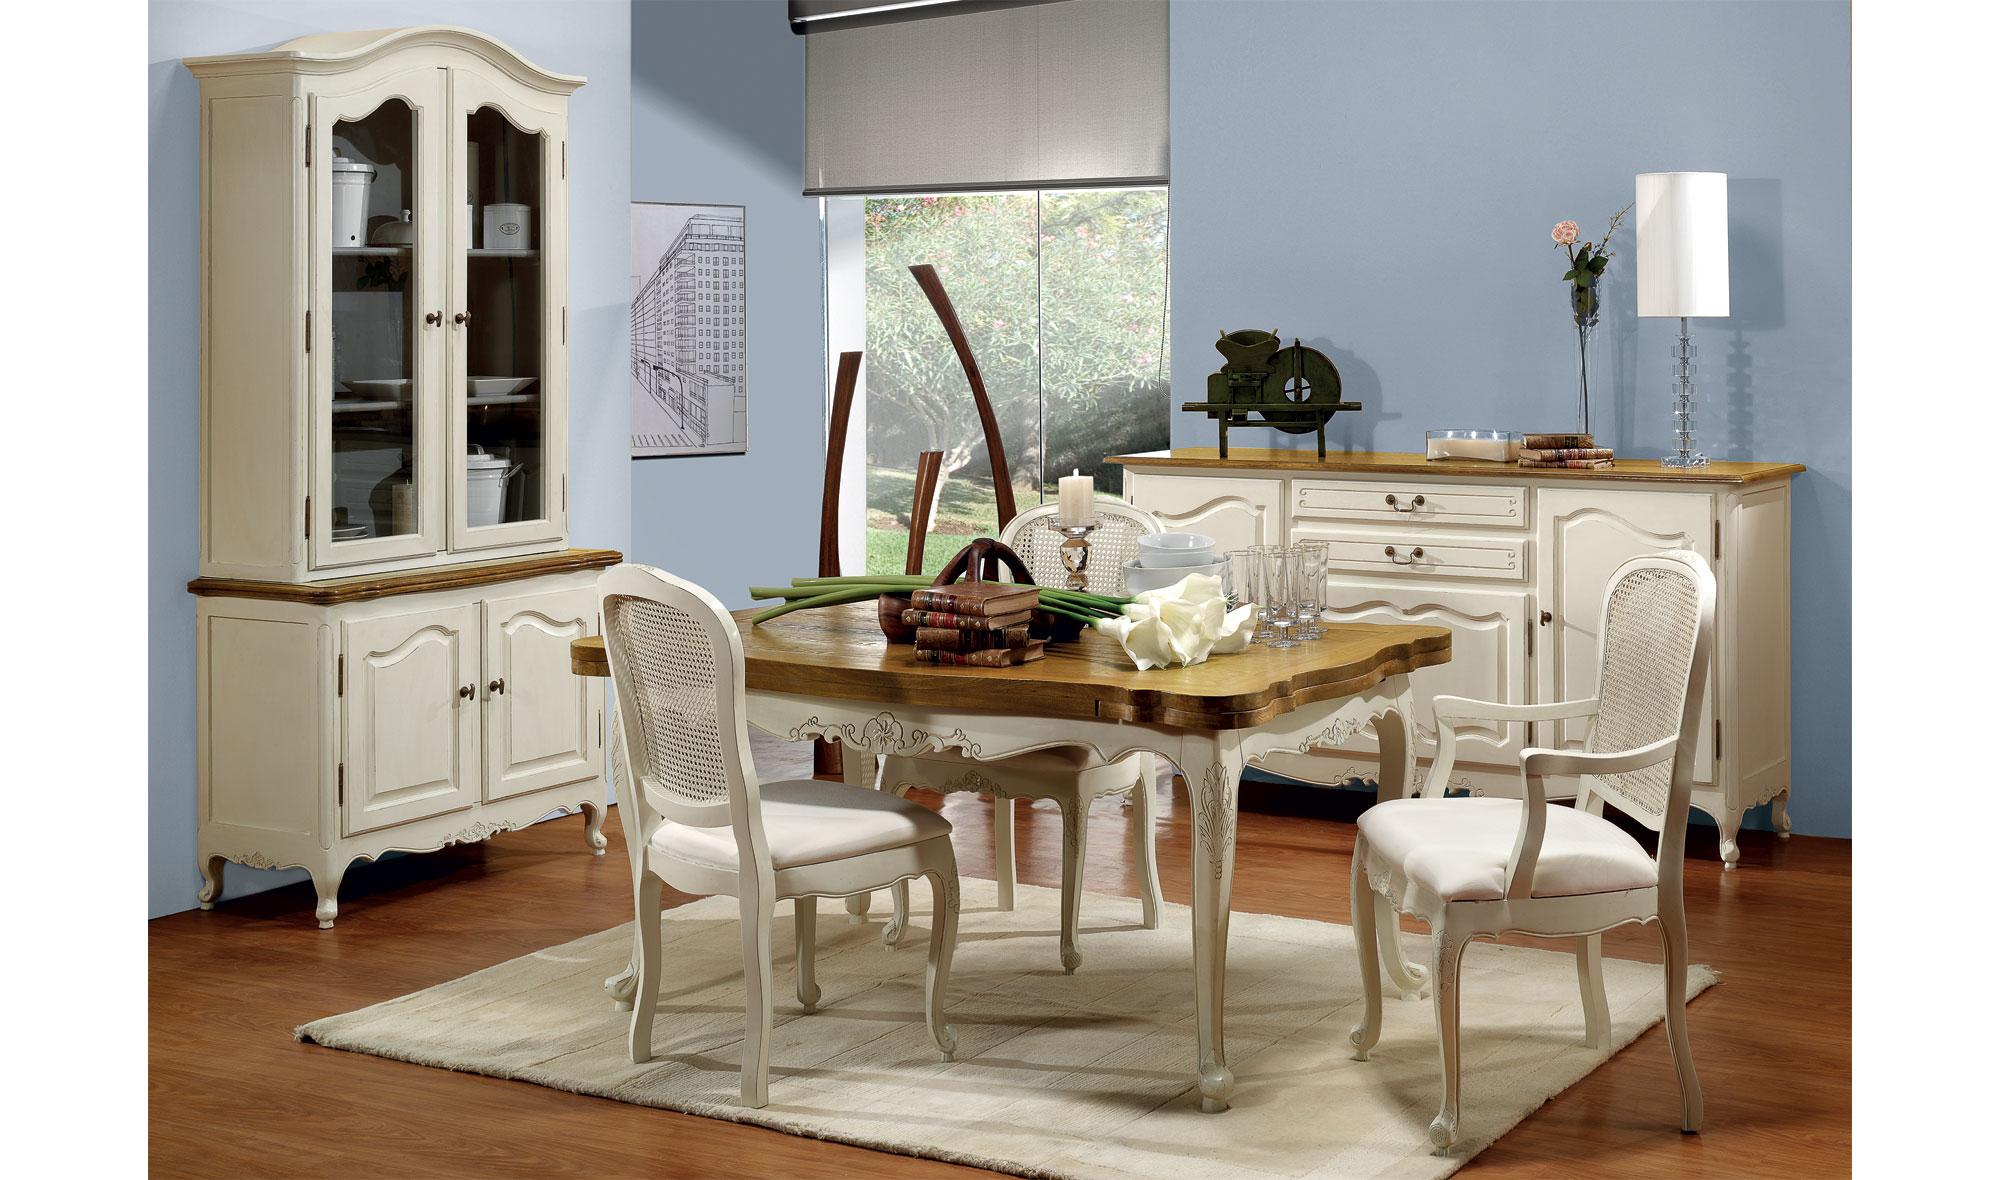 Comedor vintage nantes iv de lujo en - Colores vintage para muebles ...